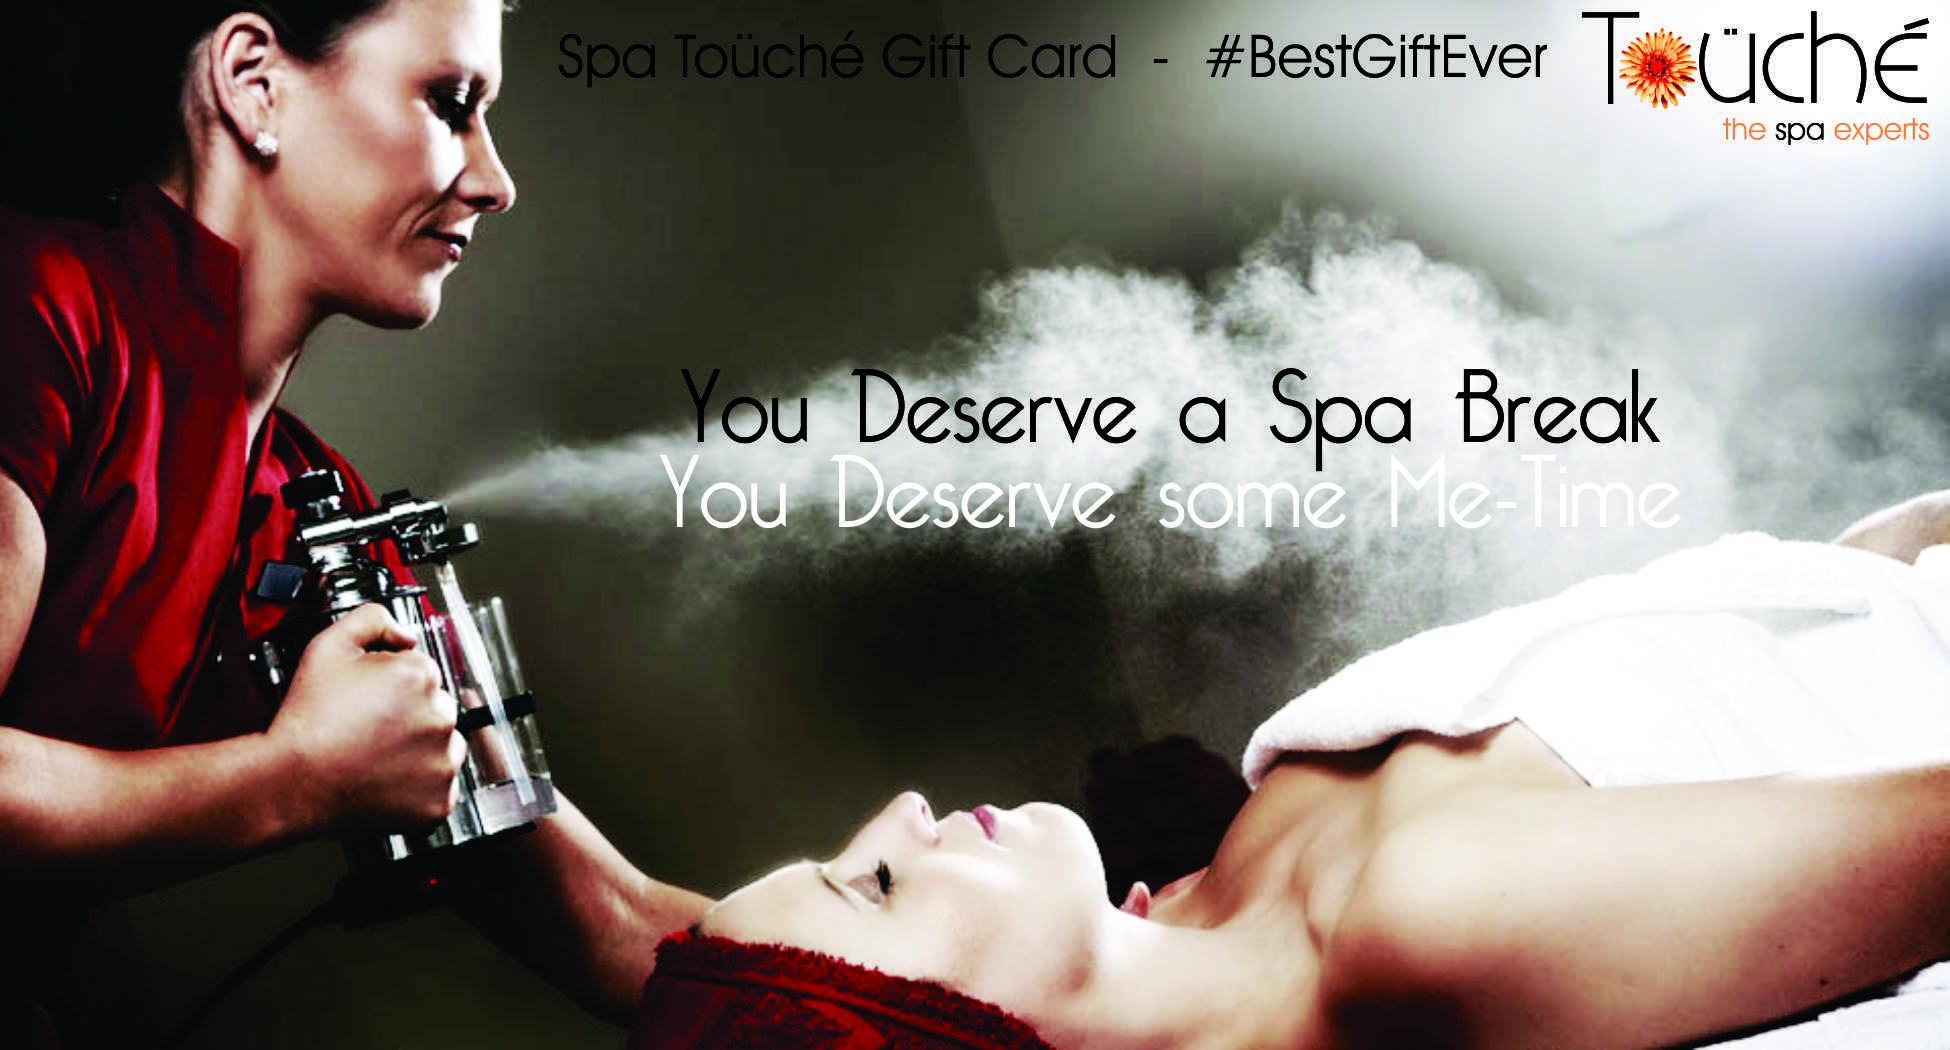 Spa Touche Gift Card16.jpg